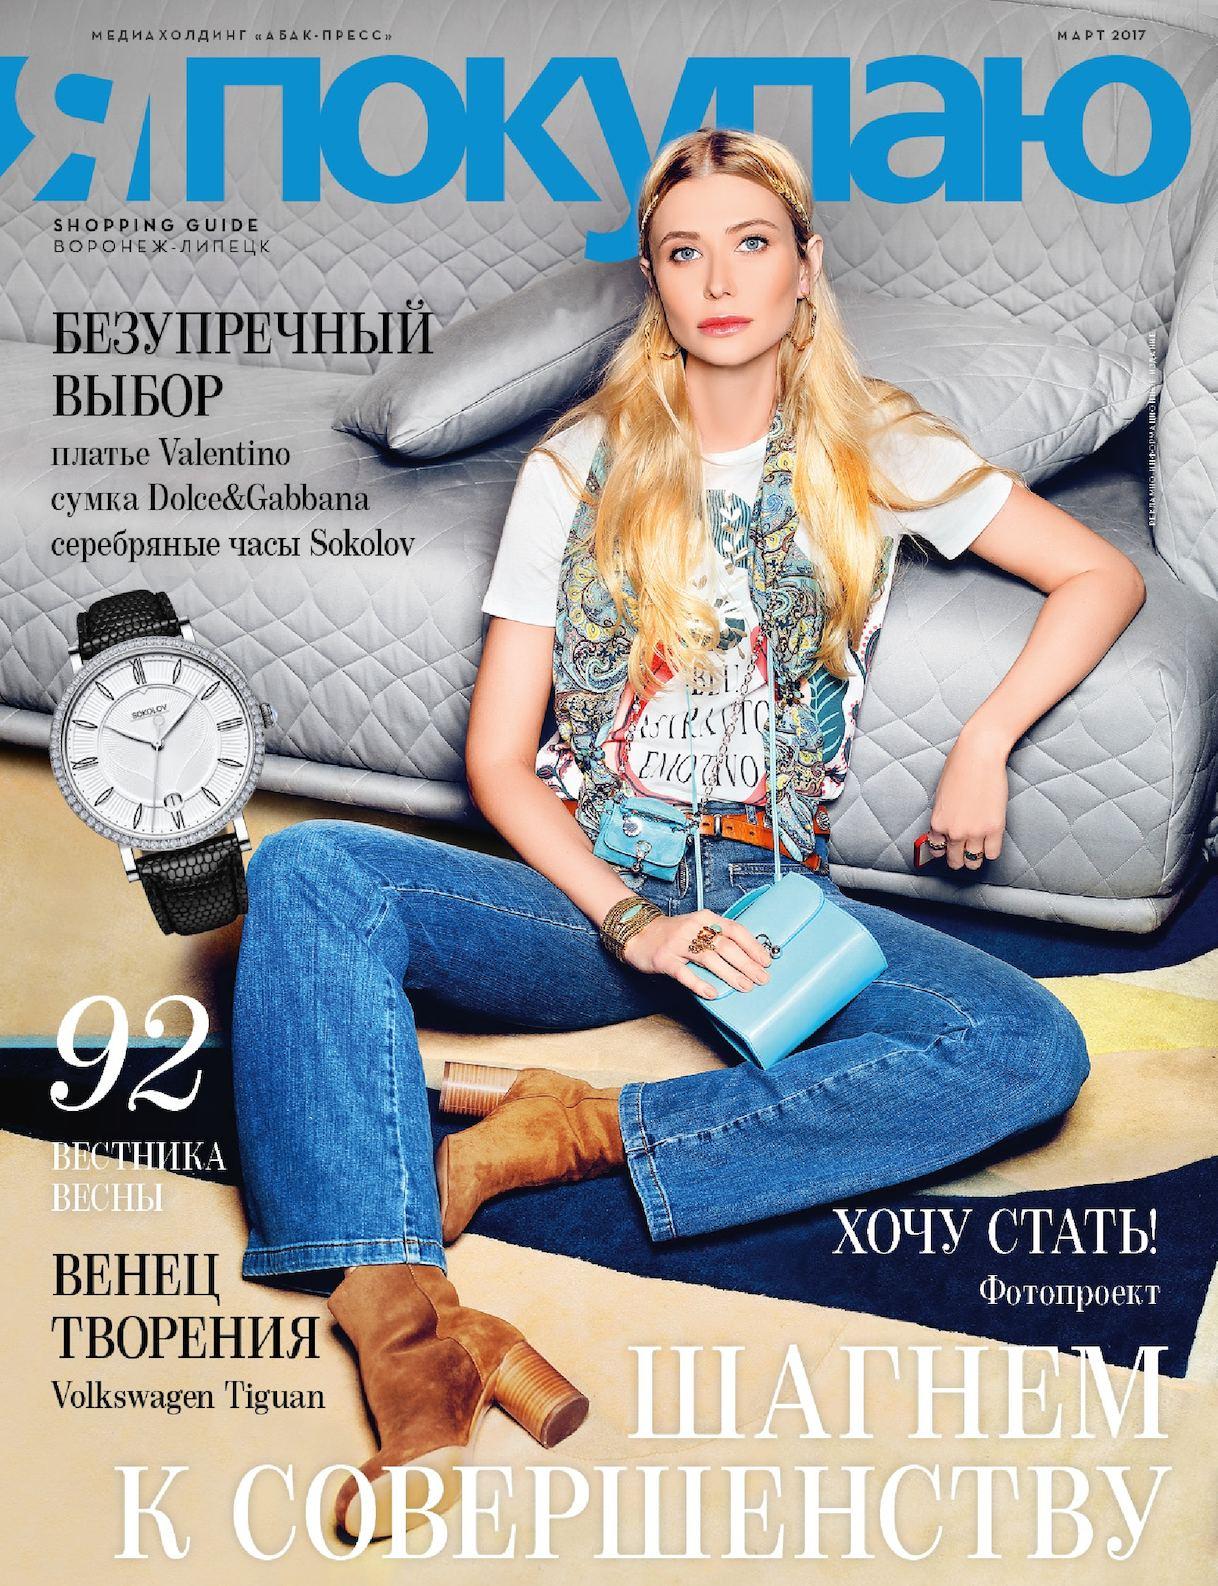 Shop Guide Я Покупаю Воронеж-Липецк Март